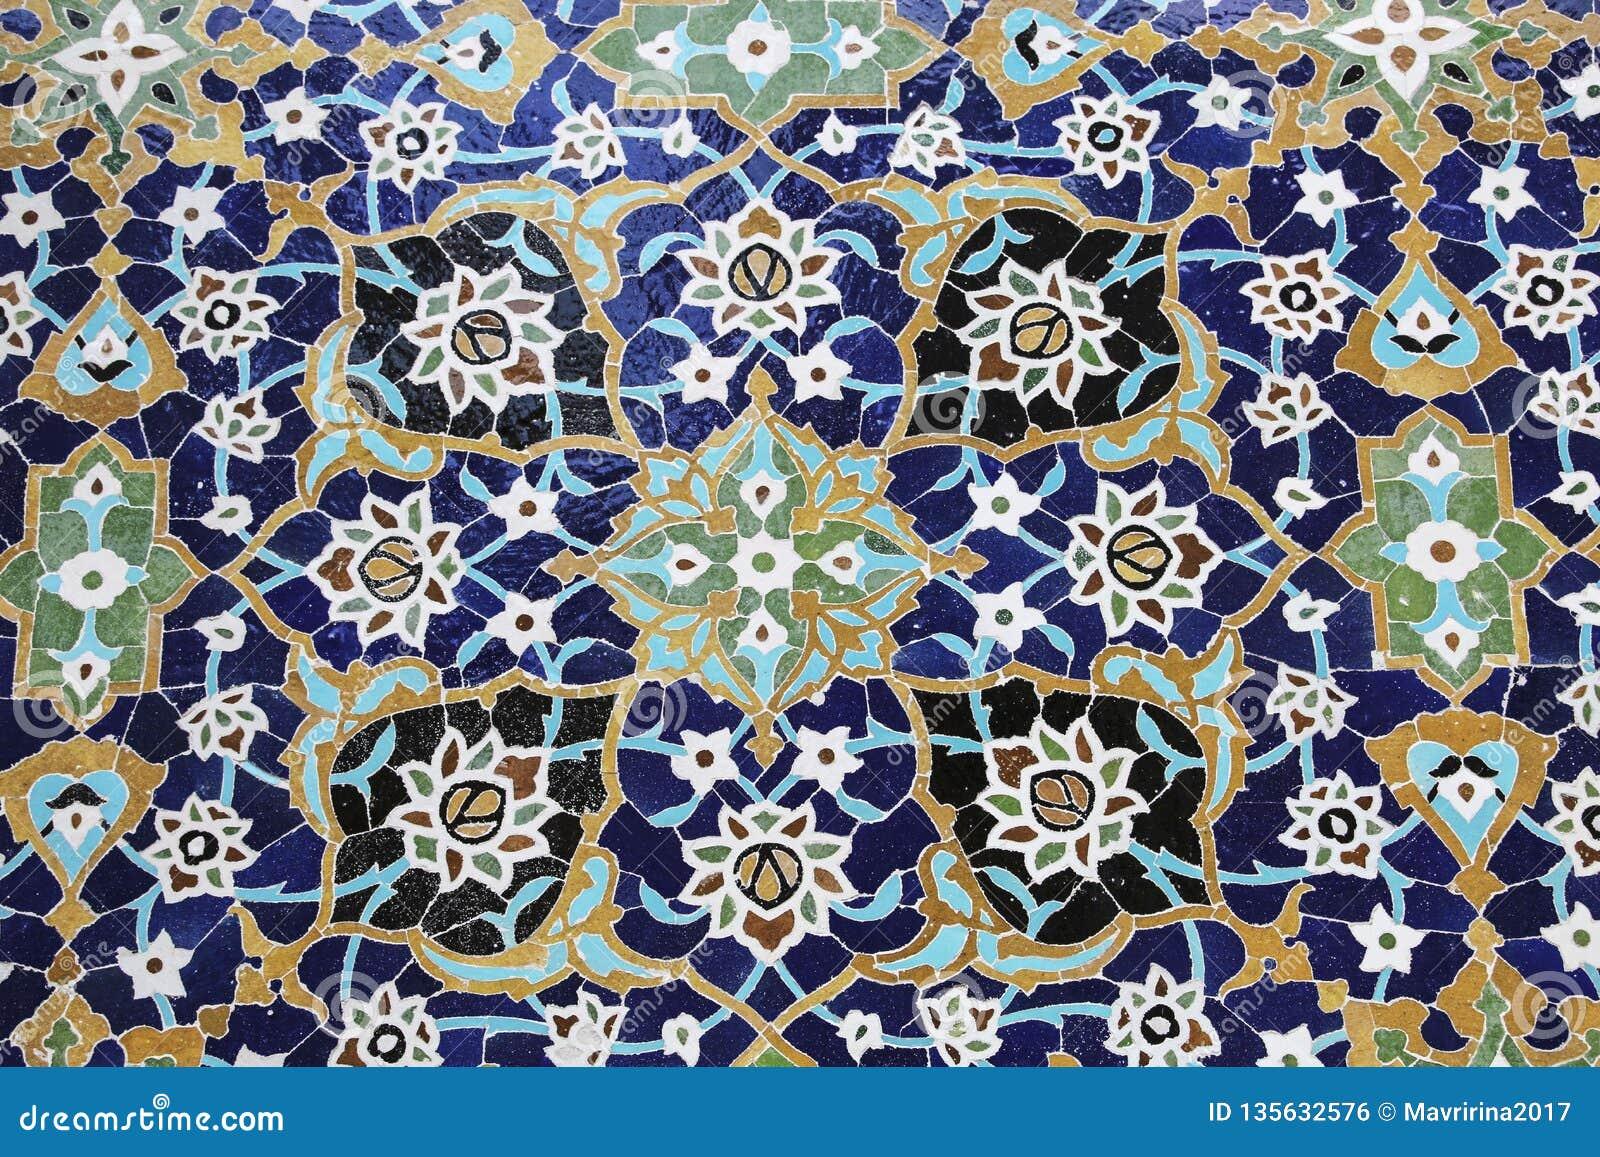 Ζωηρόχρωμο μωσαϊκό και κεραμικά κεραμίδια στο παραδοσιακό περσικό ύφος στον τάφο τοίχων Sheikh Safi Al-DIN, Ardabil, Ιράν